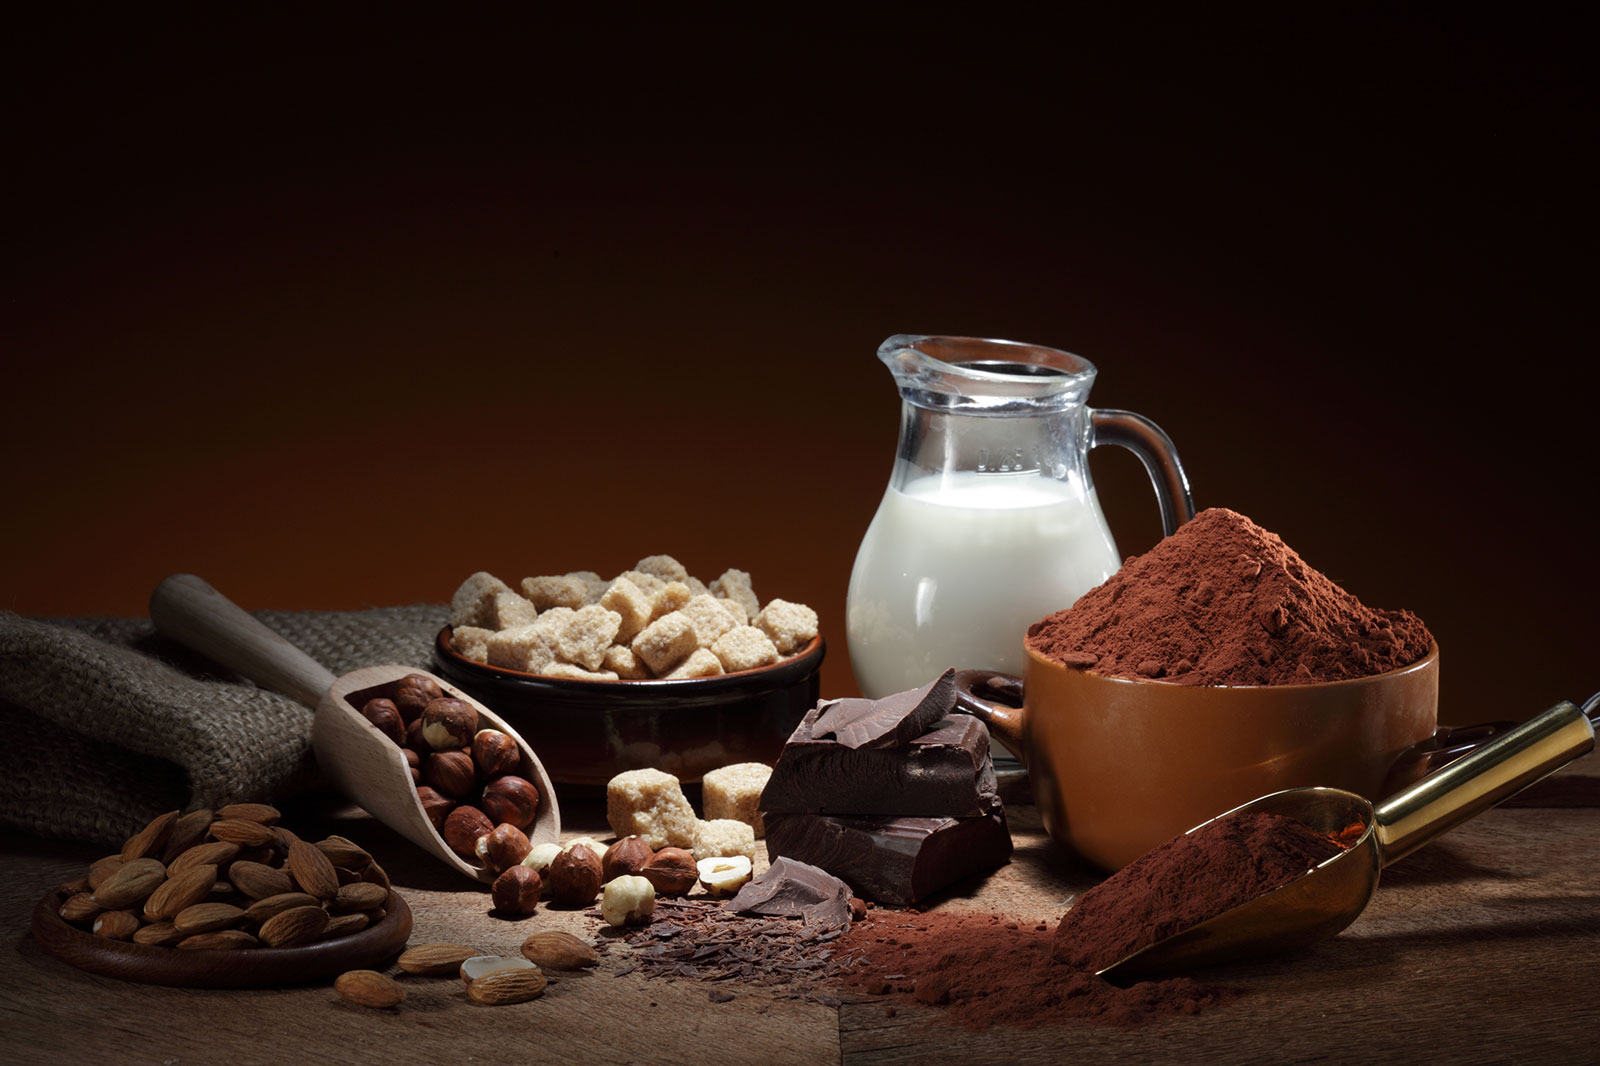 Шоколад —из чего делают?